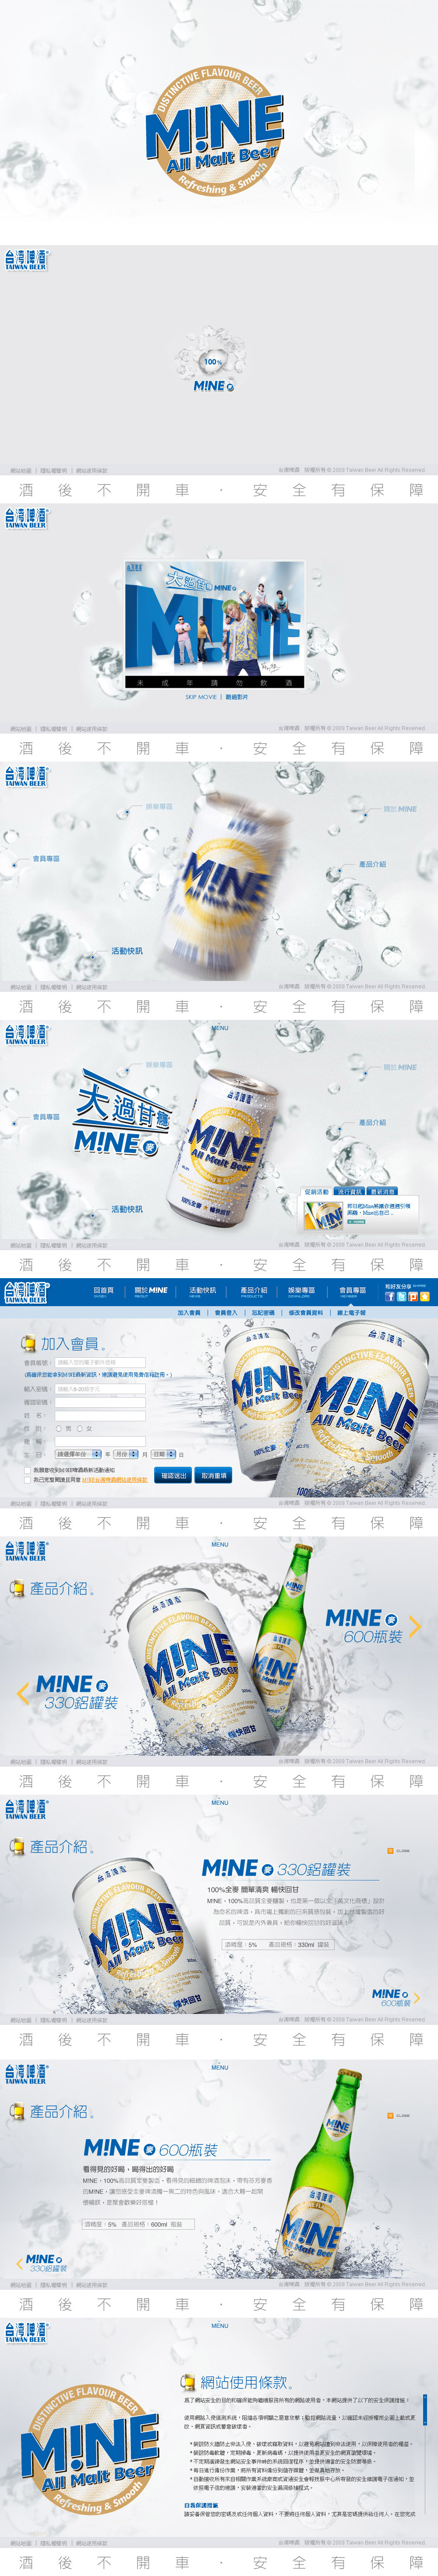 台灣啤酒 MiNE 2009年官網設計